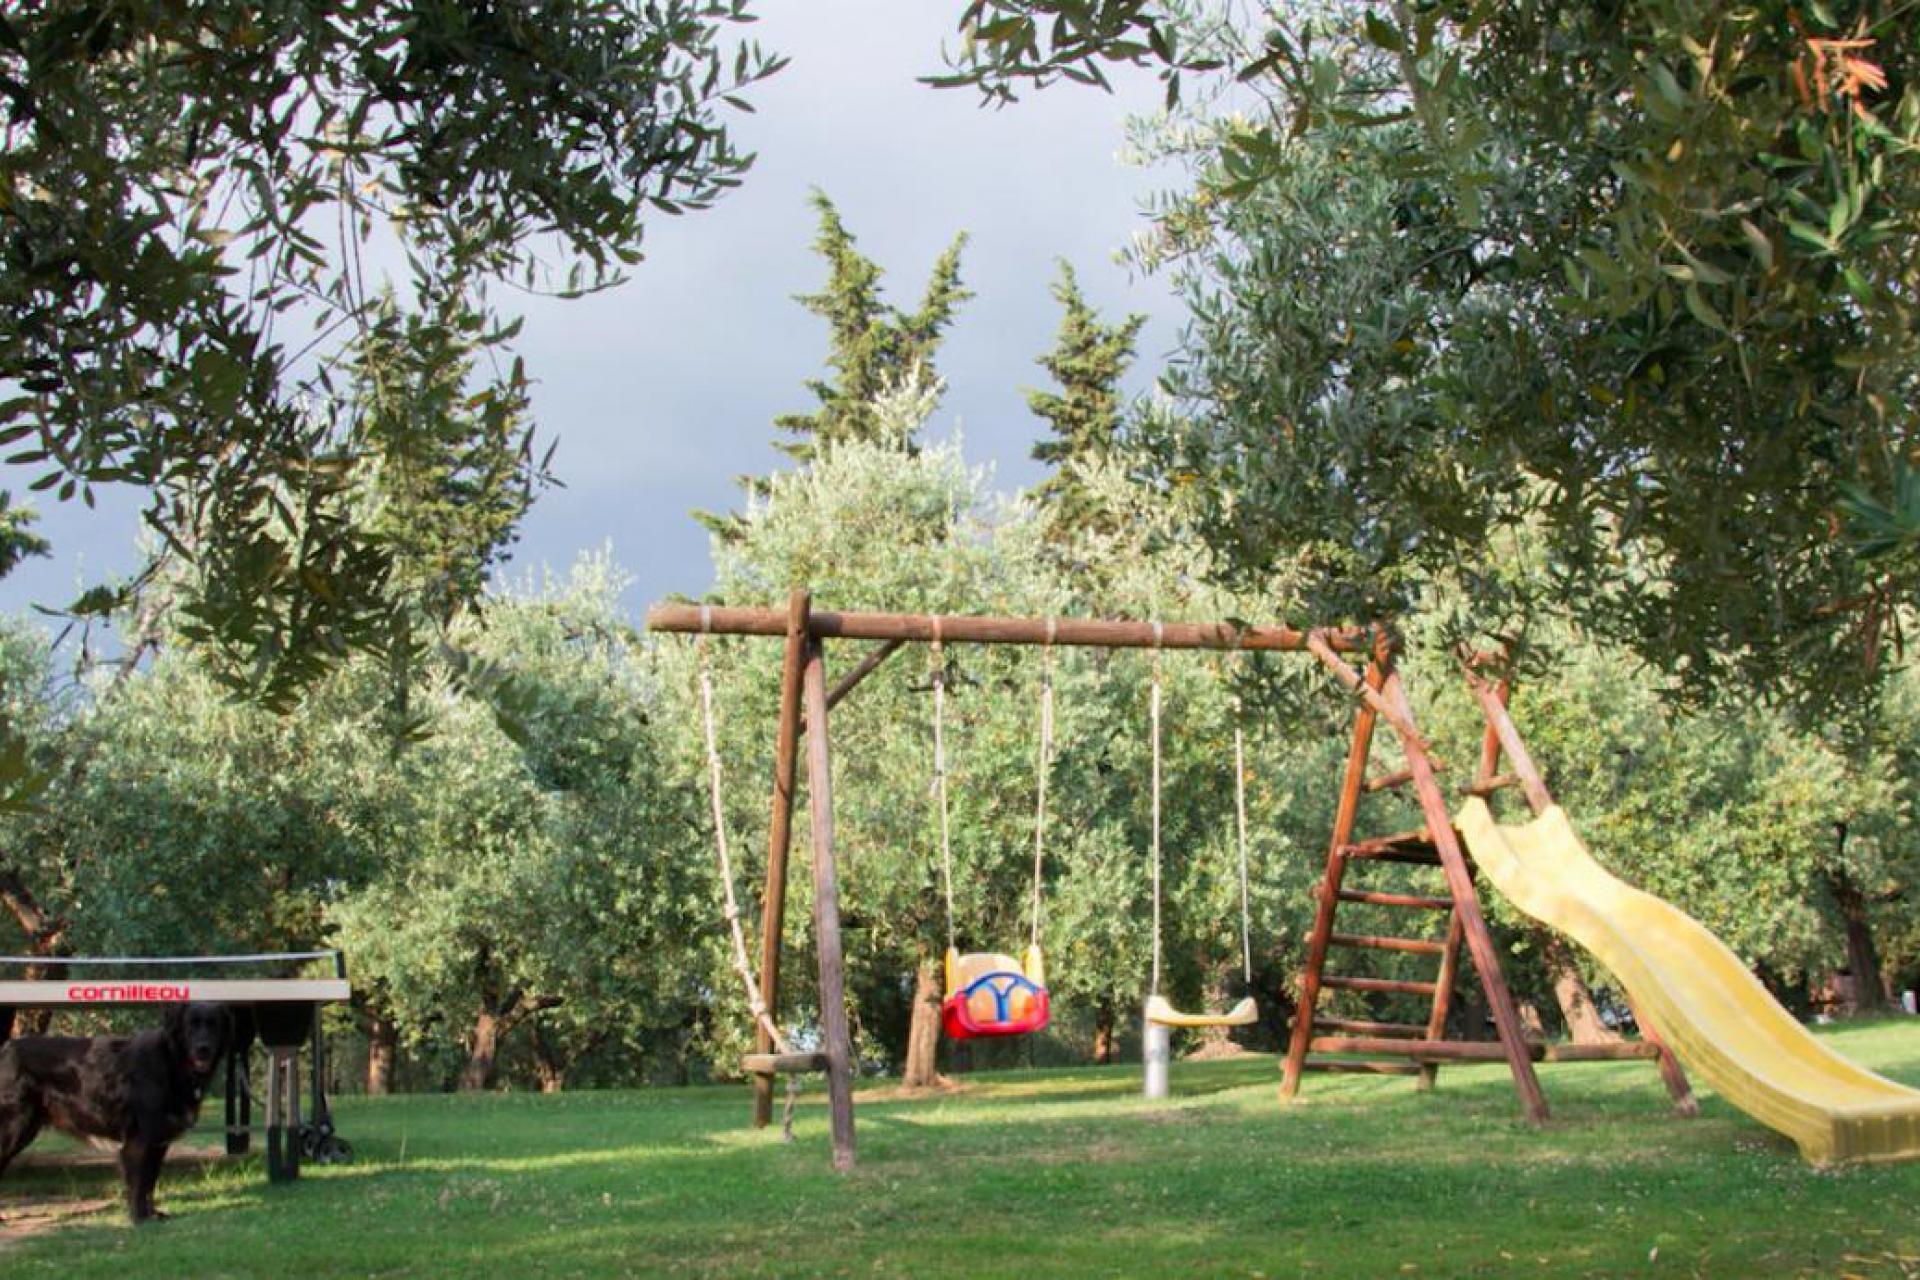 Agriturismo Toskana Kinderfreundlicher Agriturismo in der Nähe von Lucca   myitalyselection.de